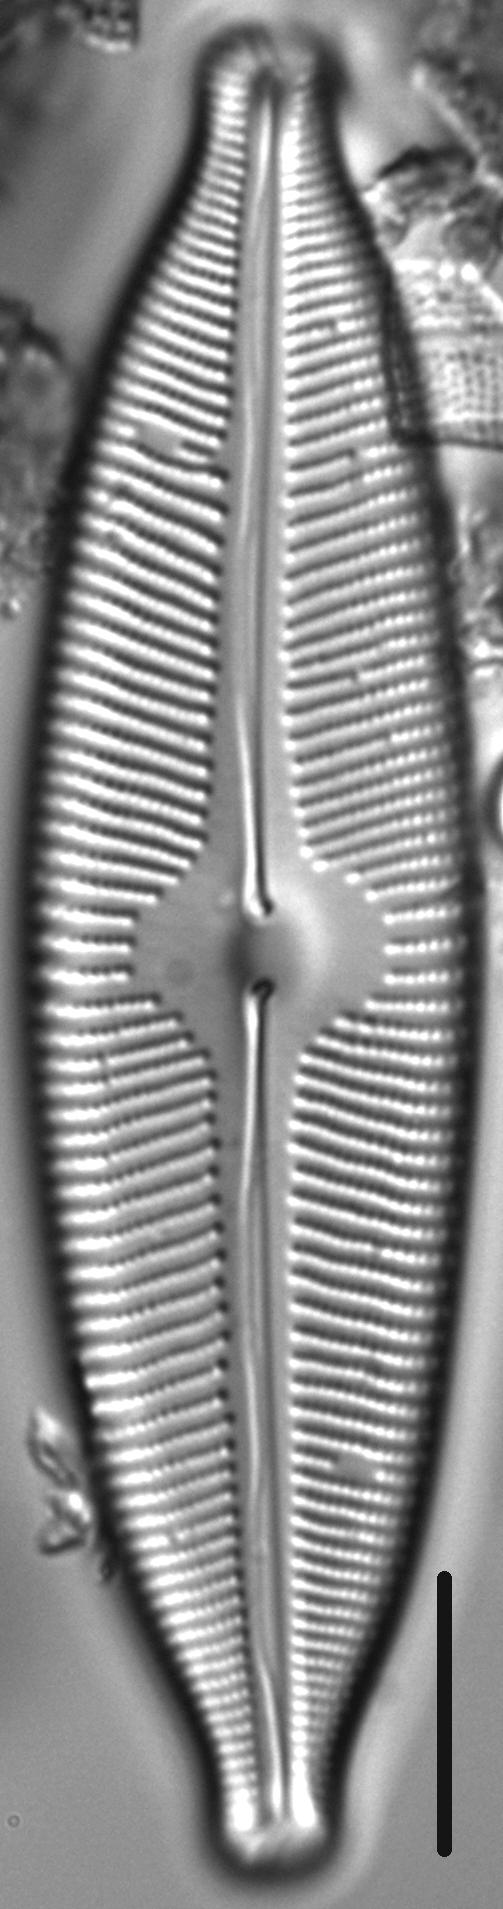 Cymbopleura tynnii LM2